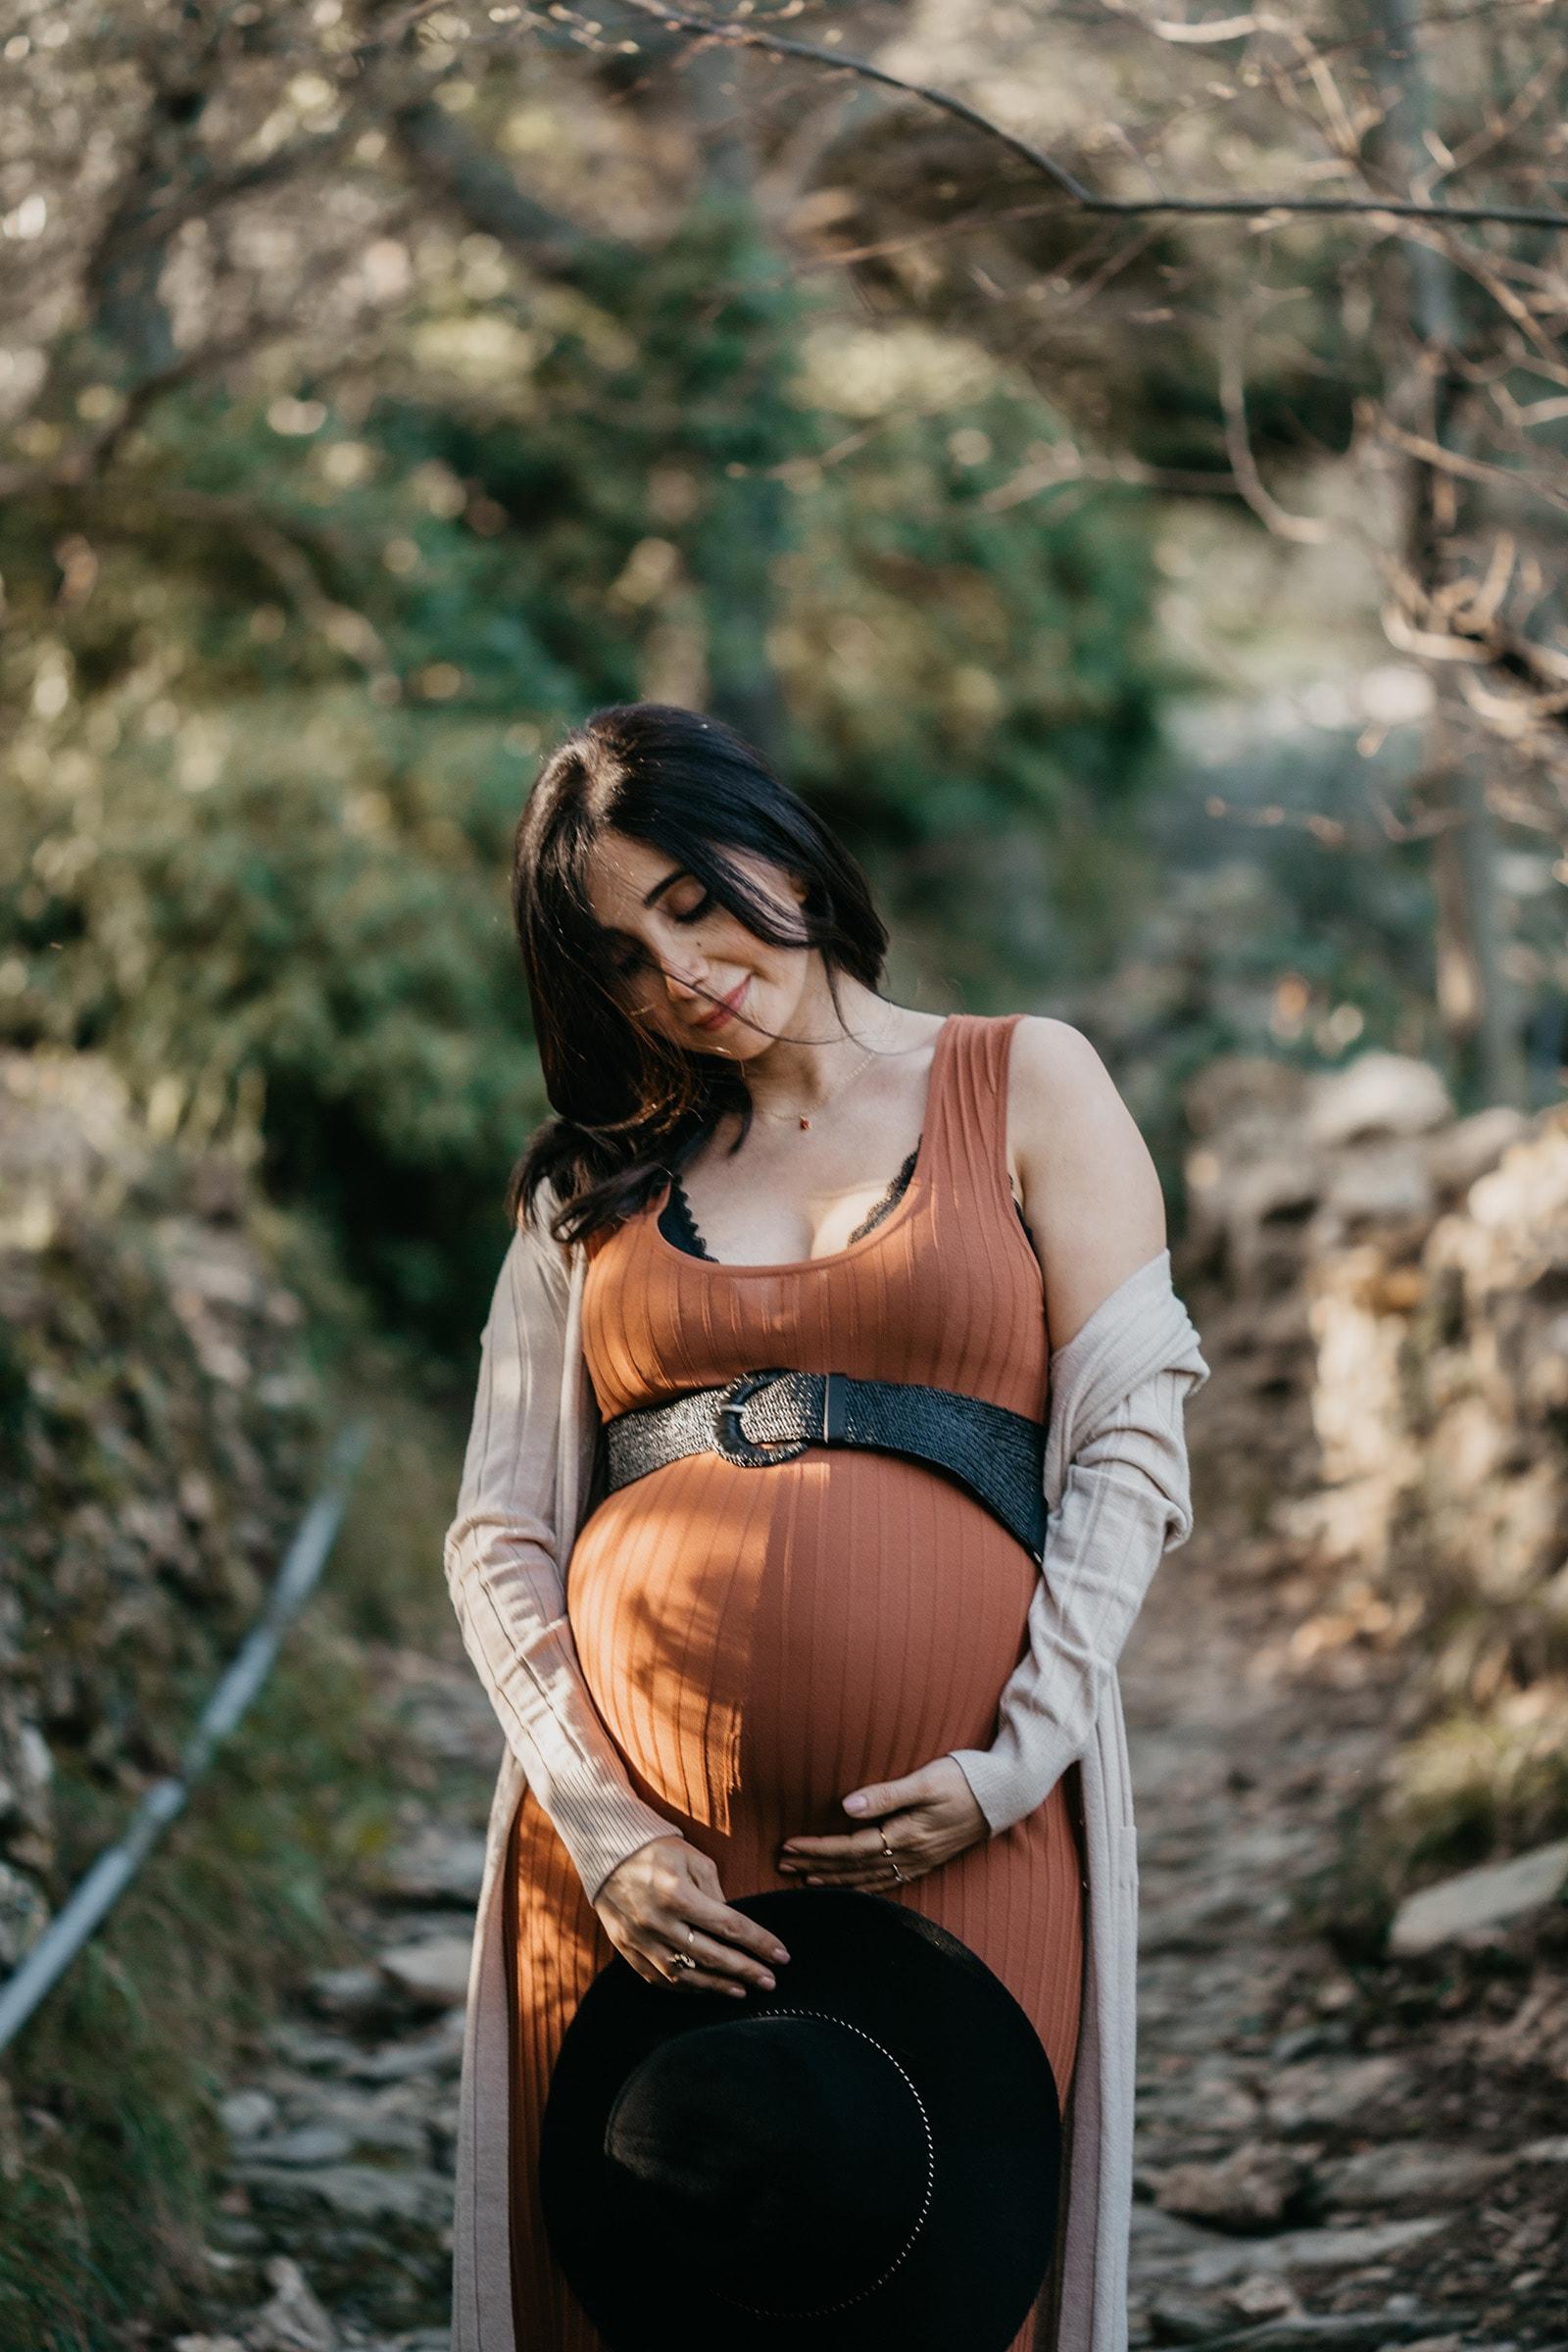 Rebecca Rinaldi fotografia maternità e gravidanza Genova. Futura mamma si accarezza il pancione.